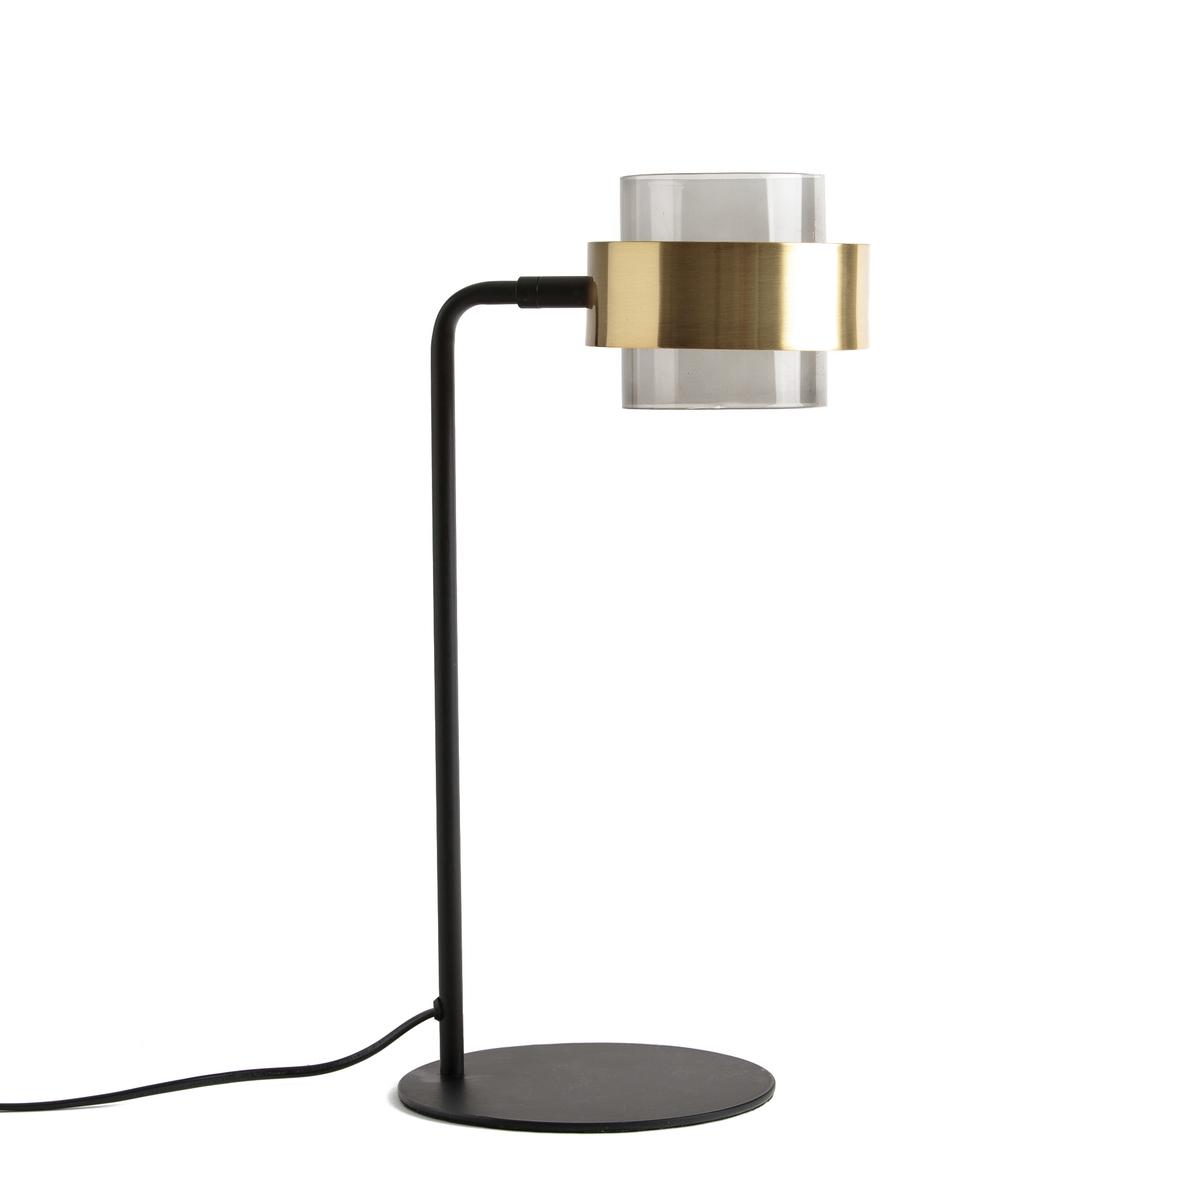 Лампа настольная из металла и стекла BOTELLOЛампа настольная из металла под латунь и затемненного стекла , Botello . Украсьте ваш интерьер с этим оригинальным современным светильником . Описание настольной лампы, Botello  :Патрон для лампочки G9 светодиодной макс 5Вт (не входит в комплект) Этот светильник совместим с лампочками    энергетического класса  : A.Абажур поворотный Характеристики настольной лампы, Botello:Каркас из металла с эпоксидным покрытием  Абажур из металла с латунной отделкой и тонированного стекла.Найдите другие модели из коллекции Botello на сайте laredoute.ruРазмеры лампы, Botello:L19 x H44 см ? цоколя 19 см<br><br>Цвет: черный/латунь